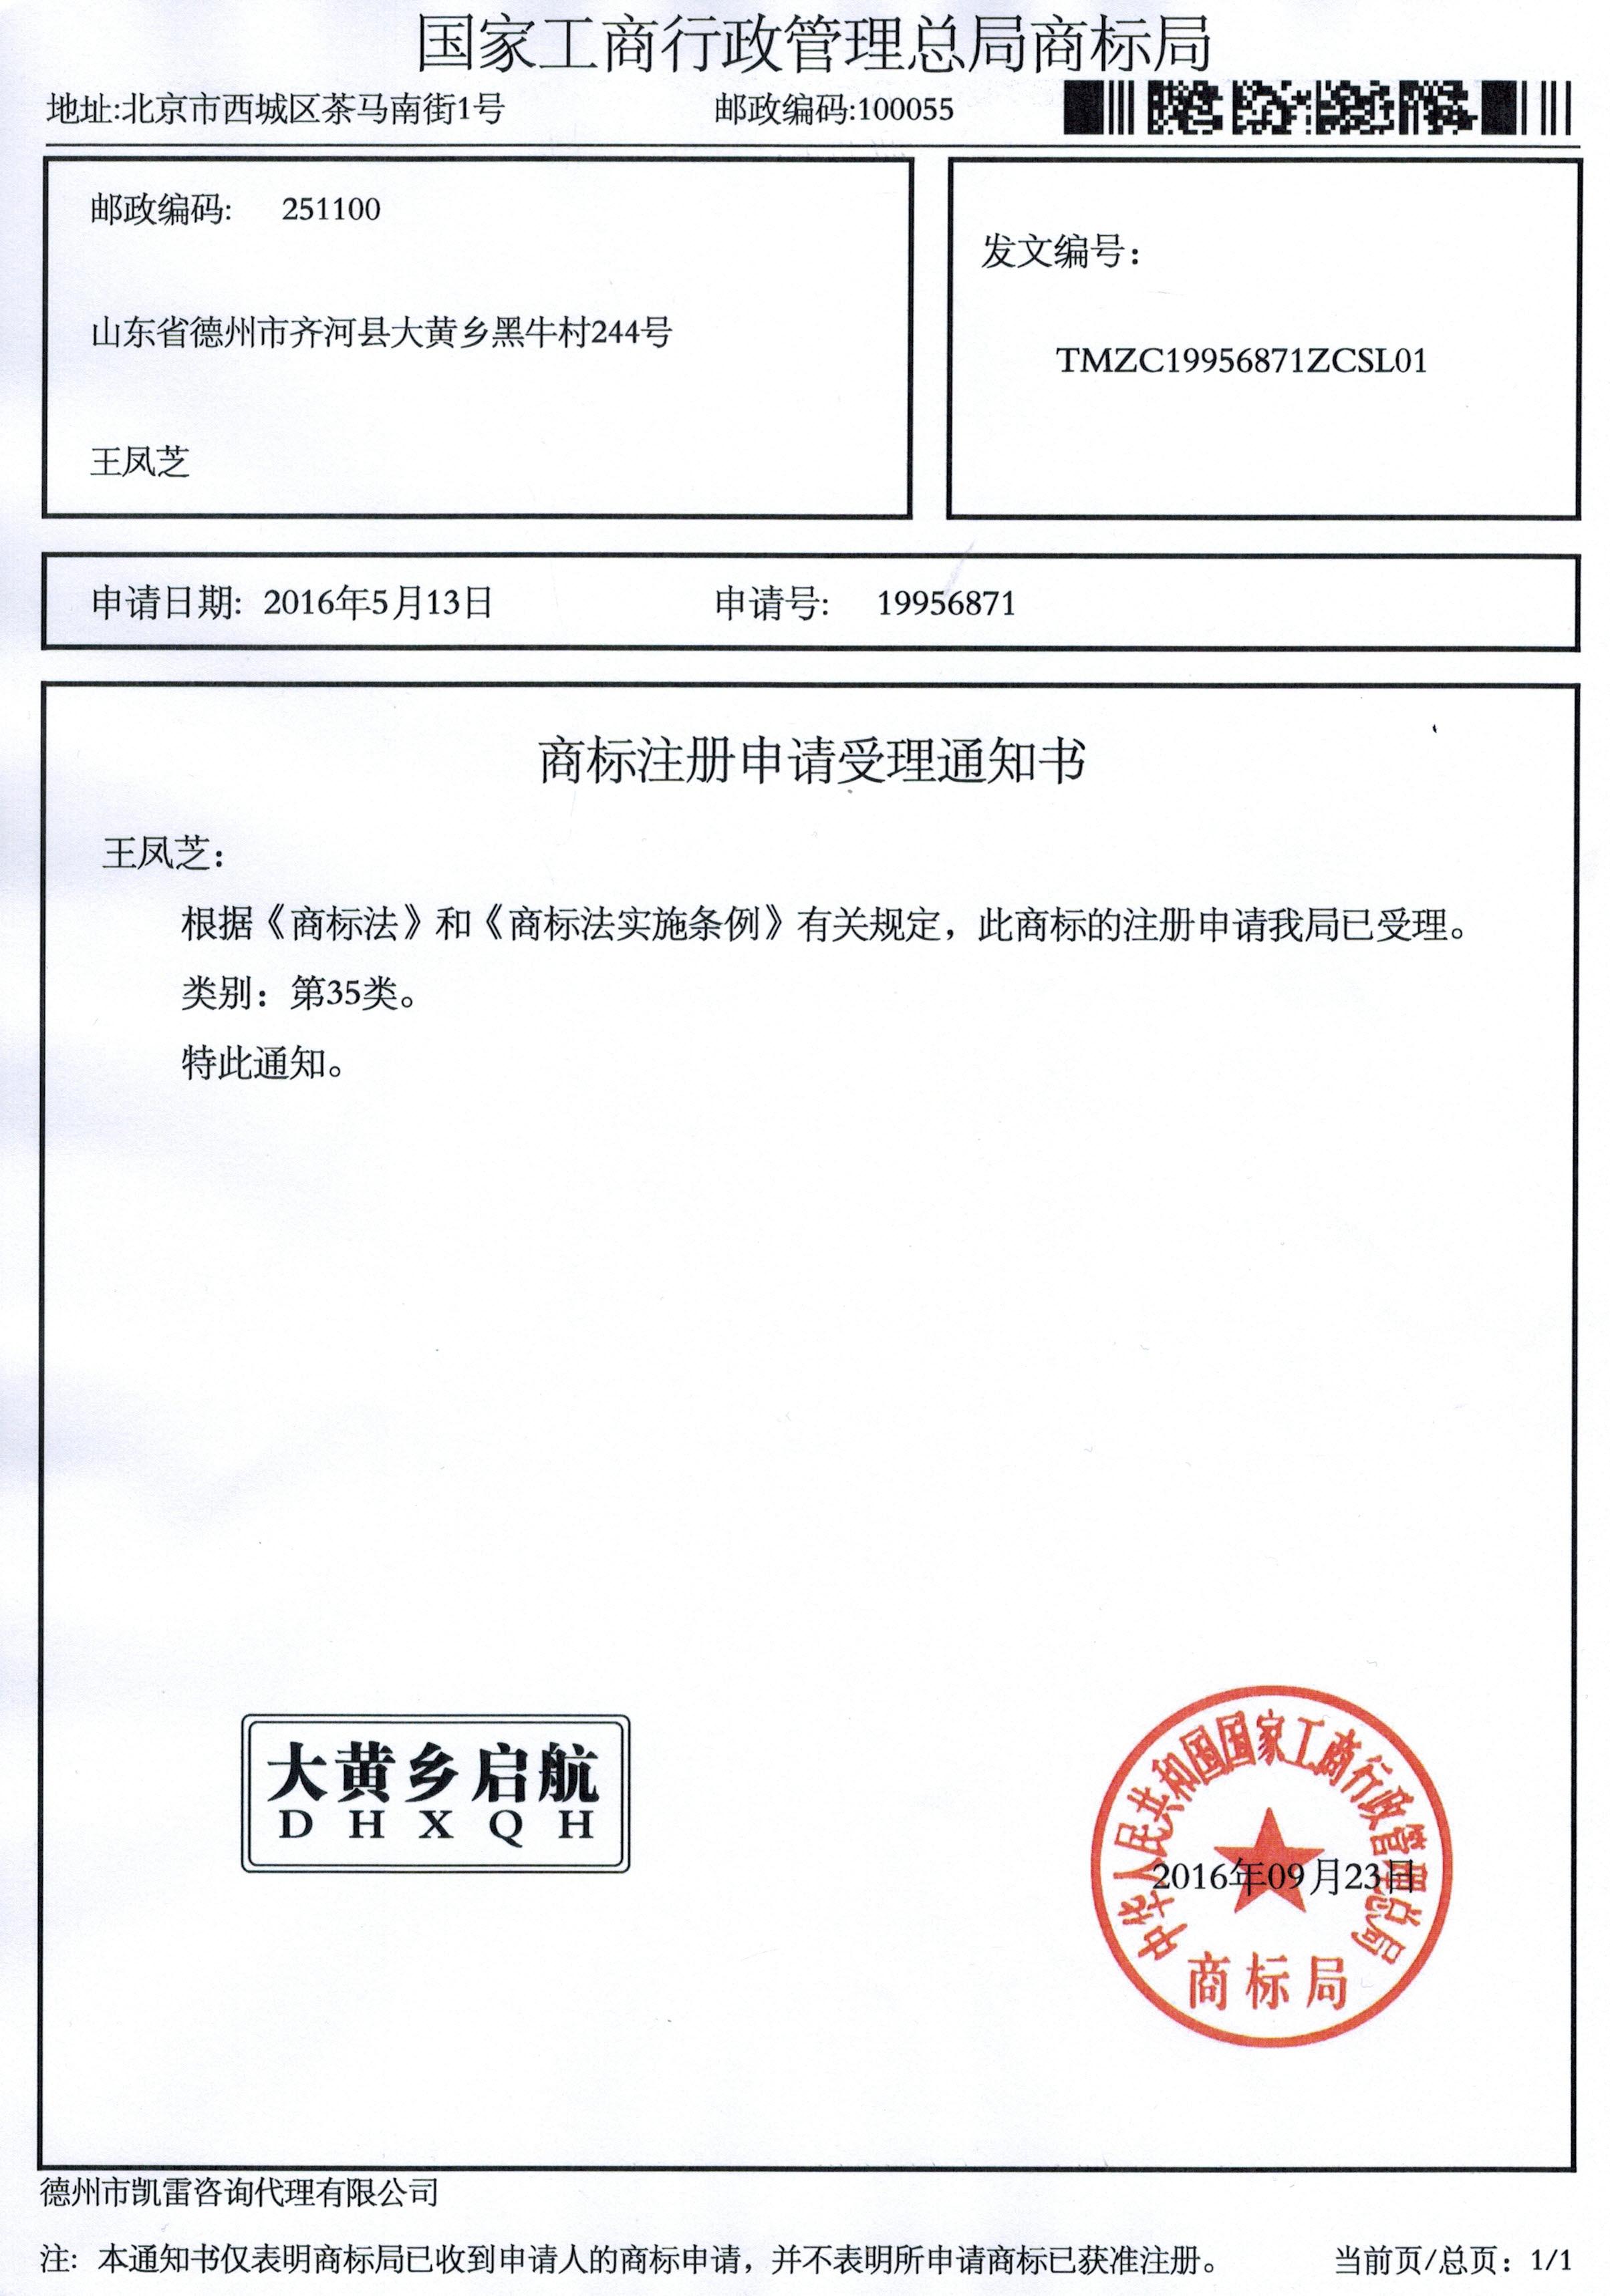 证件:商标注册申请受理书.jpg